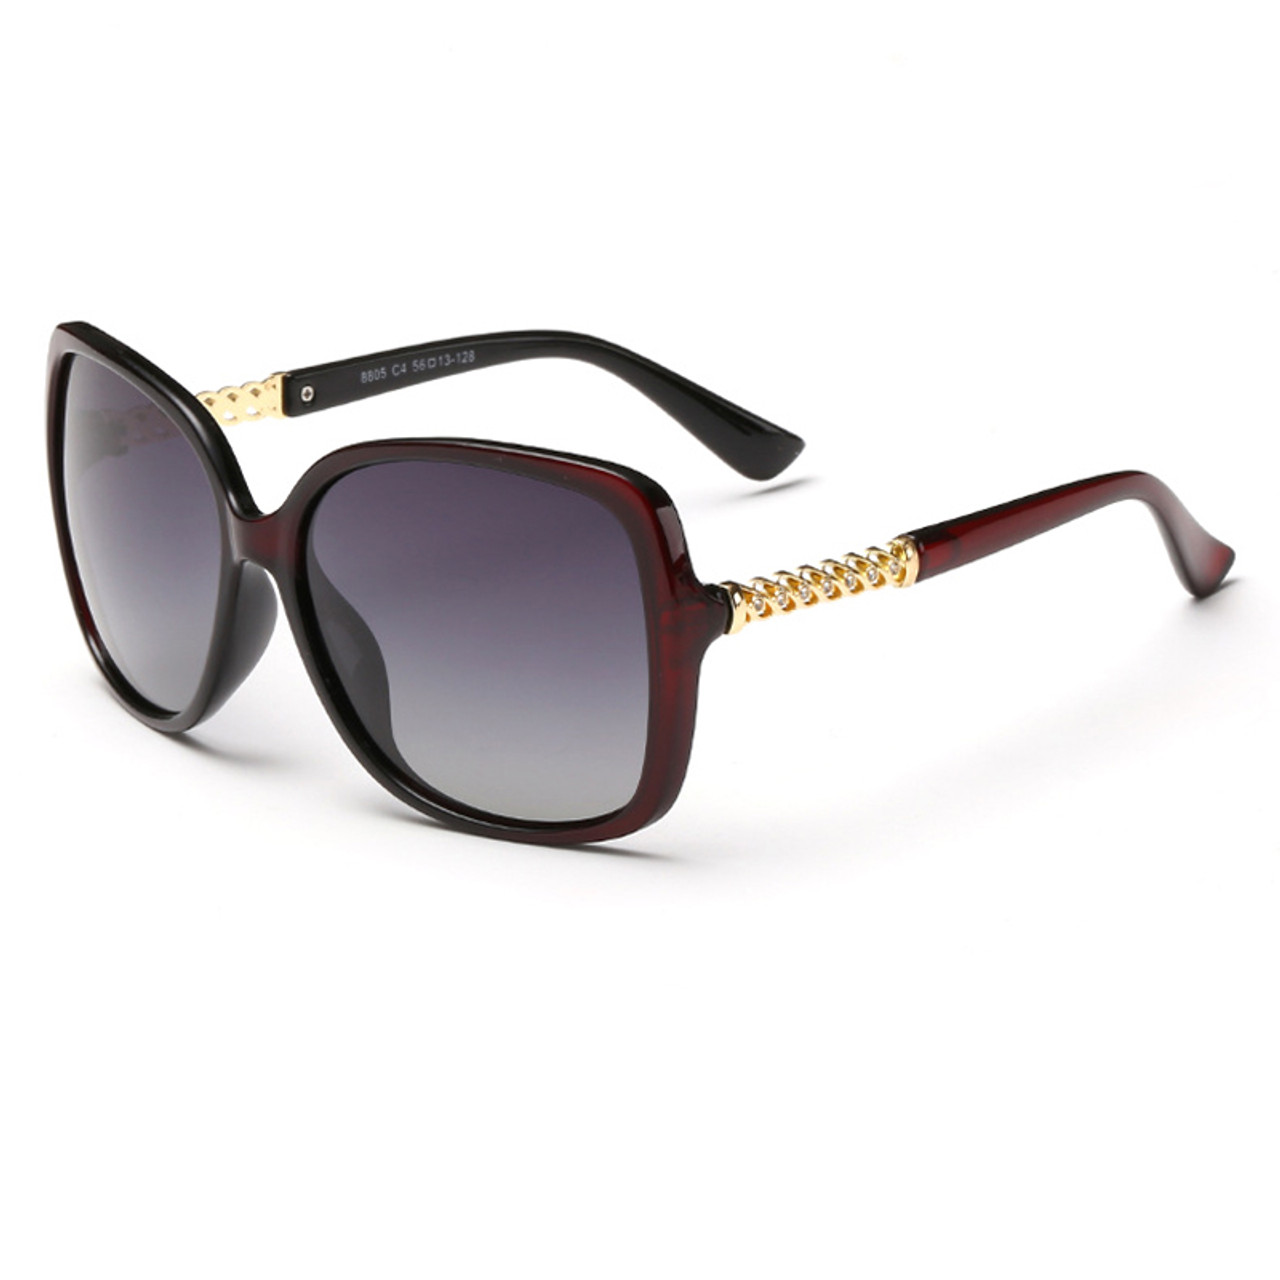 c88cf30ee18 New Luxury Brand Designer Polarized Sunglasses Women Oversized New Luxury  Brand Designer Polarized Sunglasses Women Oversized Square Frame Sun  Glasses Bling ...